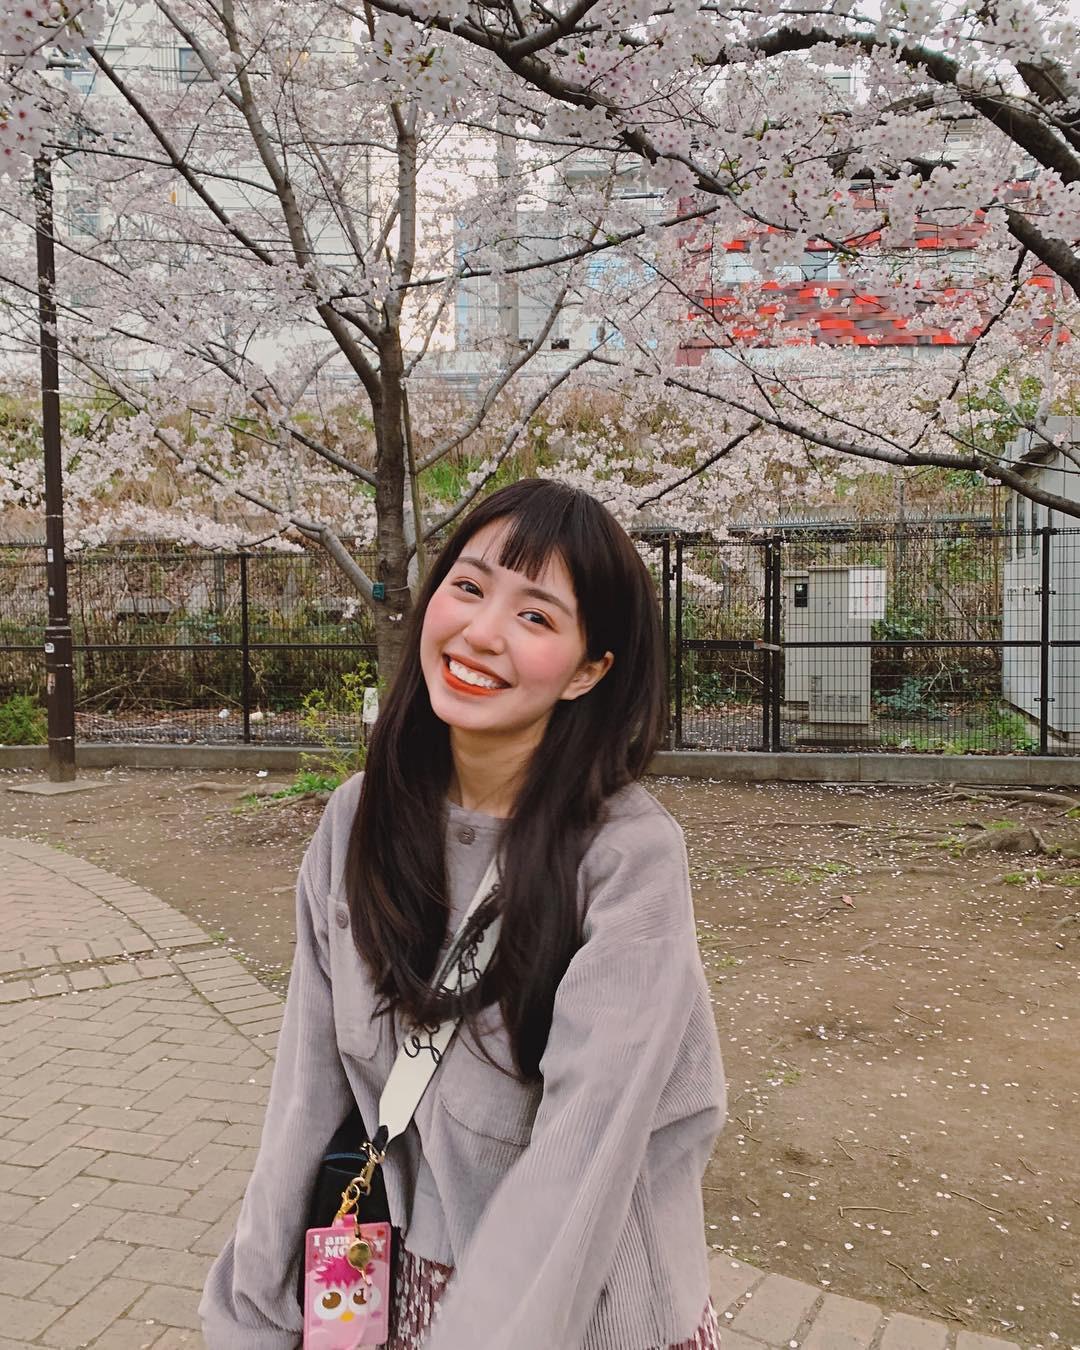 Không Nhật Bản thì Hàn Quốc, cảm giác như cả thế giới đều đi ngắm hoa anh đào hết rồi! - Ảnh 10.